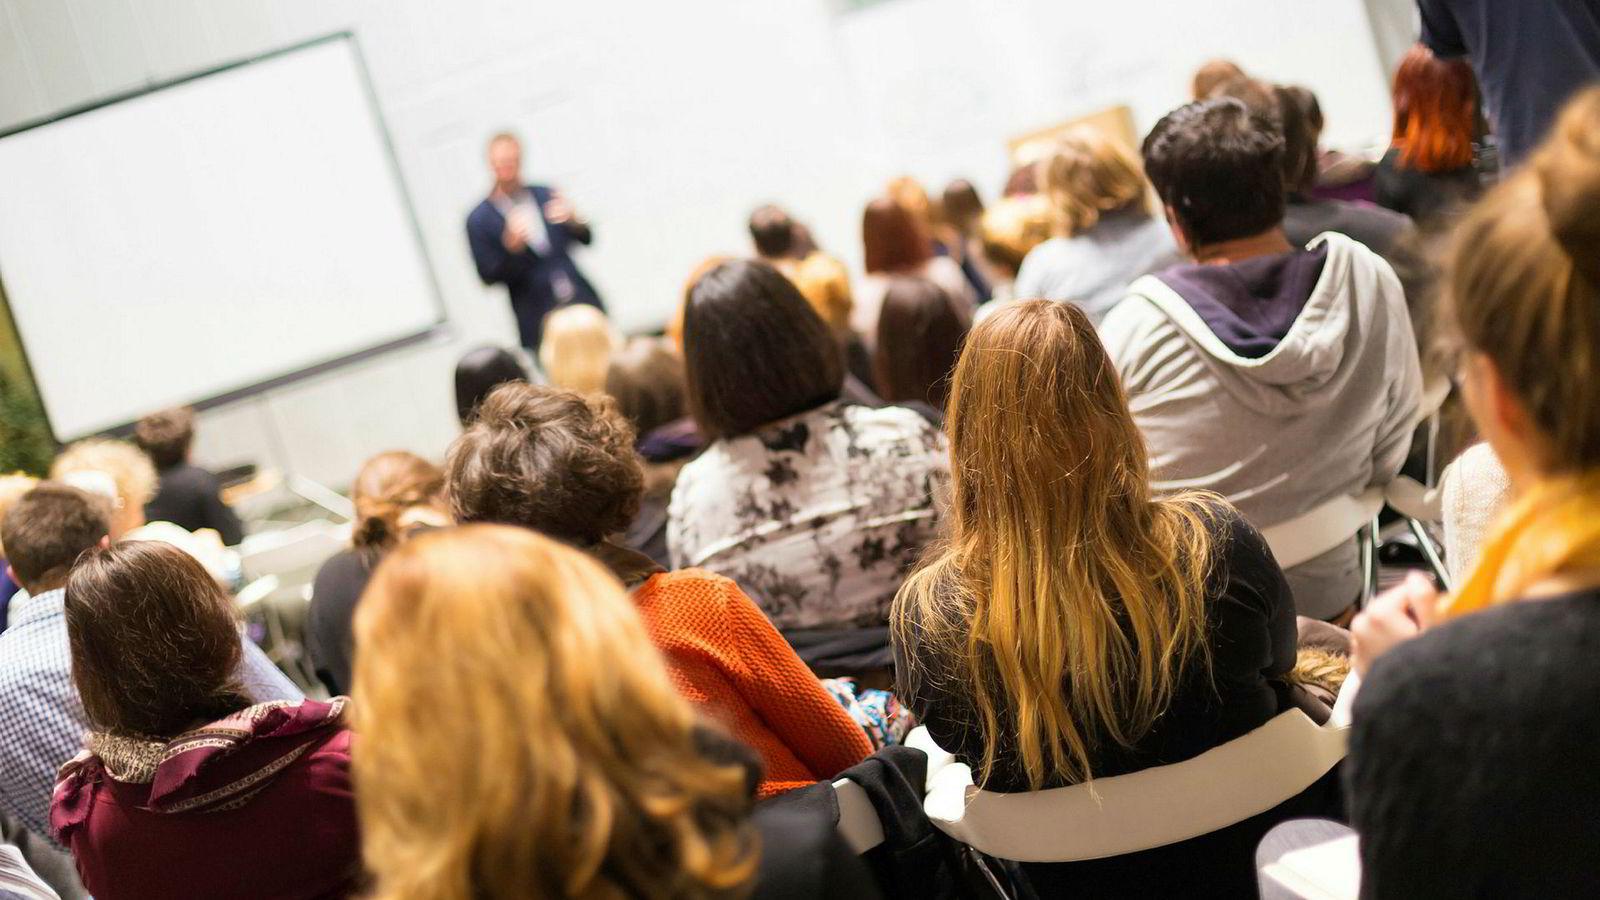 Det underliggende premisset er at universitets- og høyskolesektoren (UH-sektoren) ikke i tilstrekkelig grad klarer å levere kunnskap og kompetanse som studenter og arbeidsliv opplever som relevante i deres hverdag.